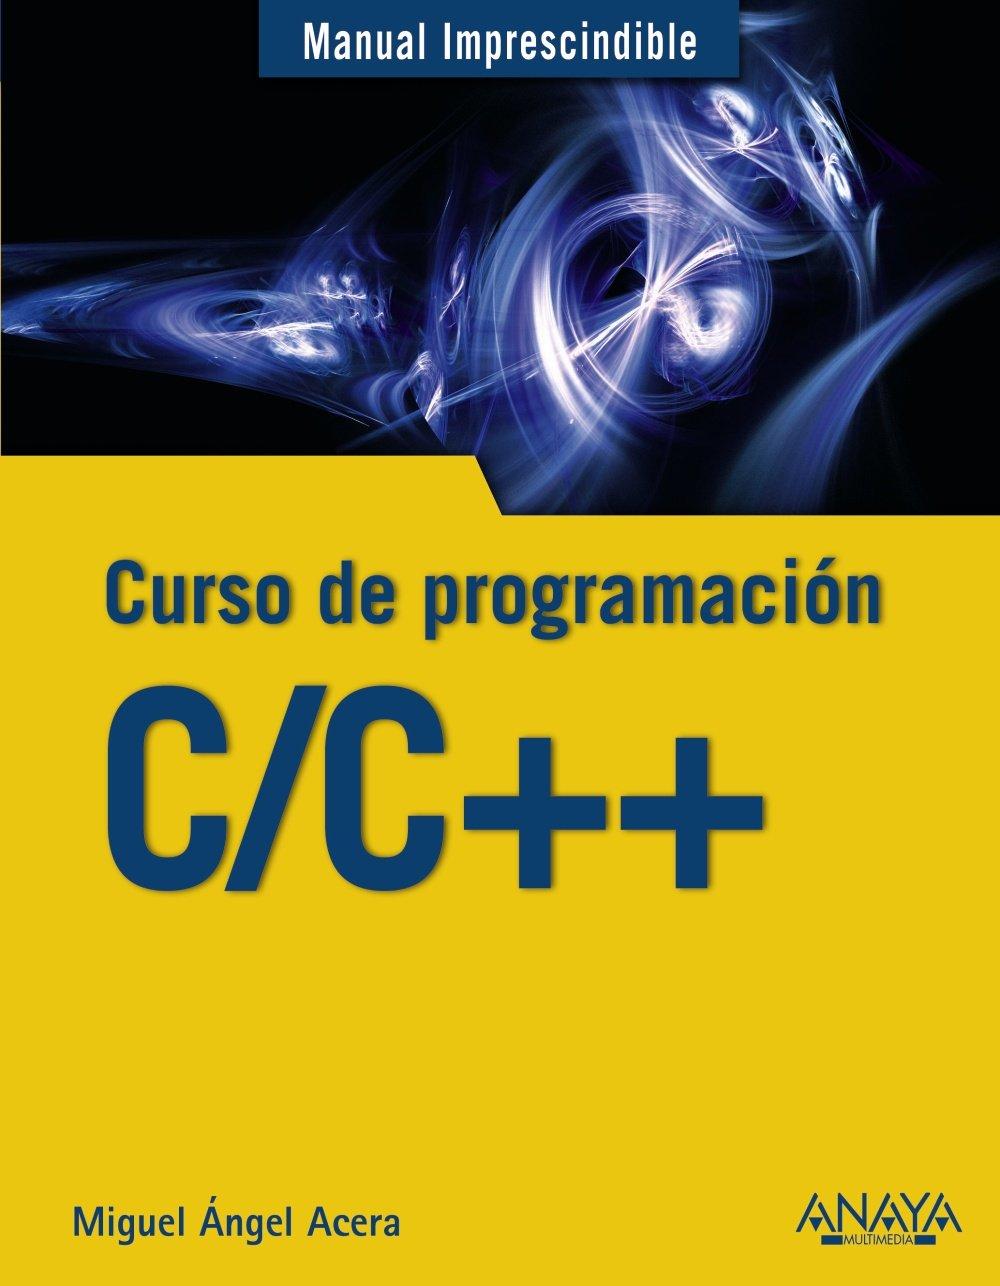 C/C++. Curso de programación Manuales Imprescindibles: Amazon.es: Miguel  Ángel Acera García: Libros